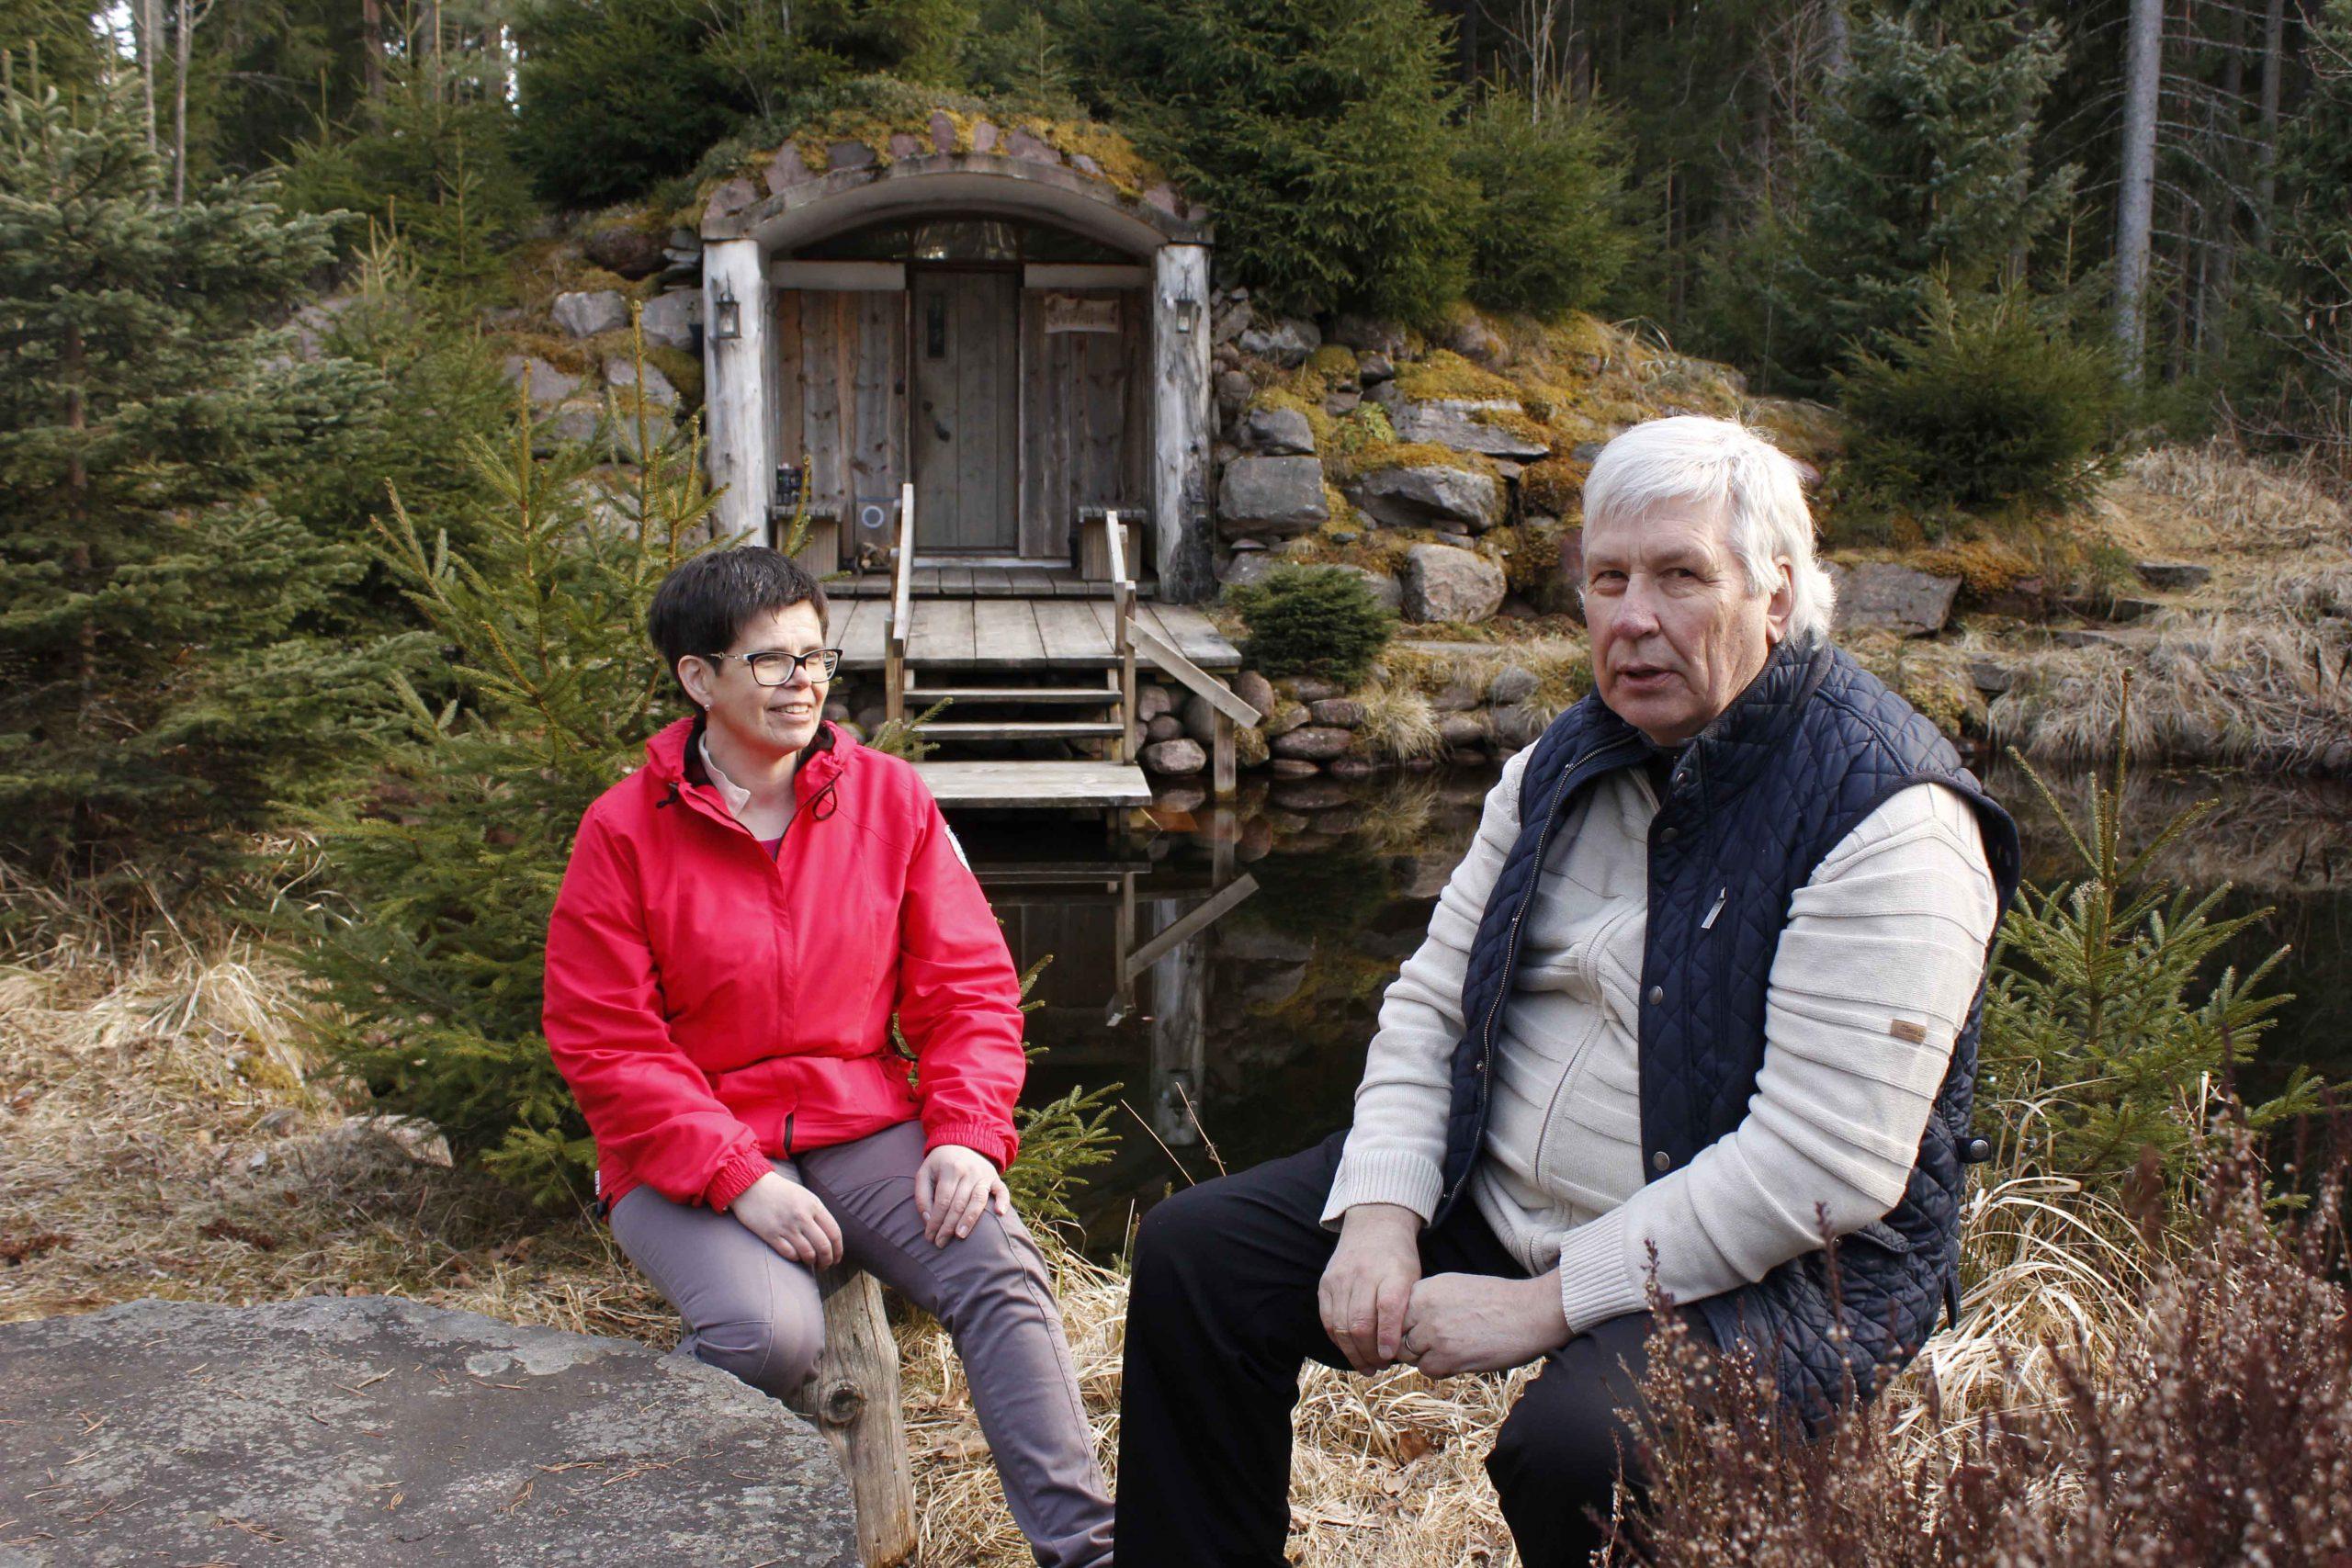 Kankaanpään Kaarnikka sauna Säkylä